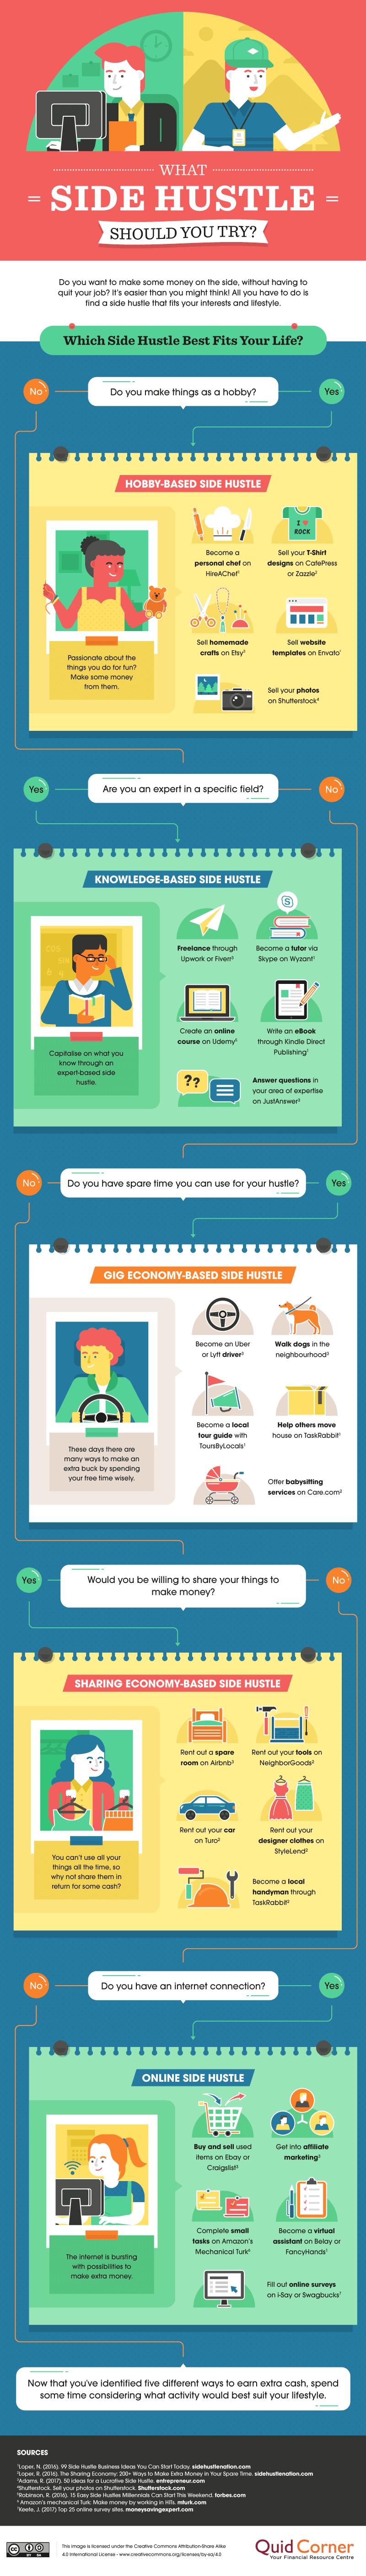 25 maneras de ganar dinero extra que puedes comenzar a aplicar hoy mismo